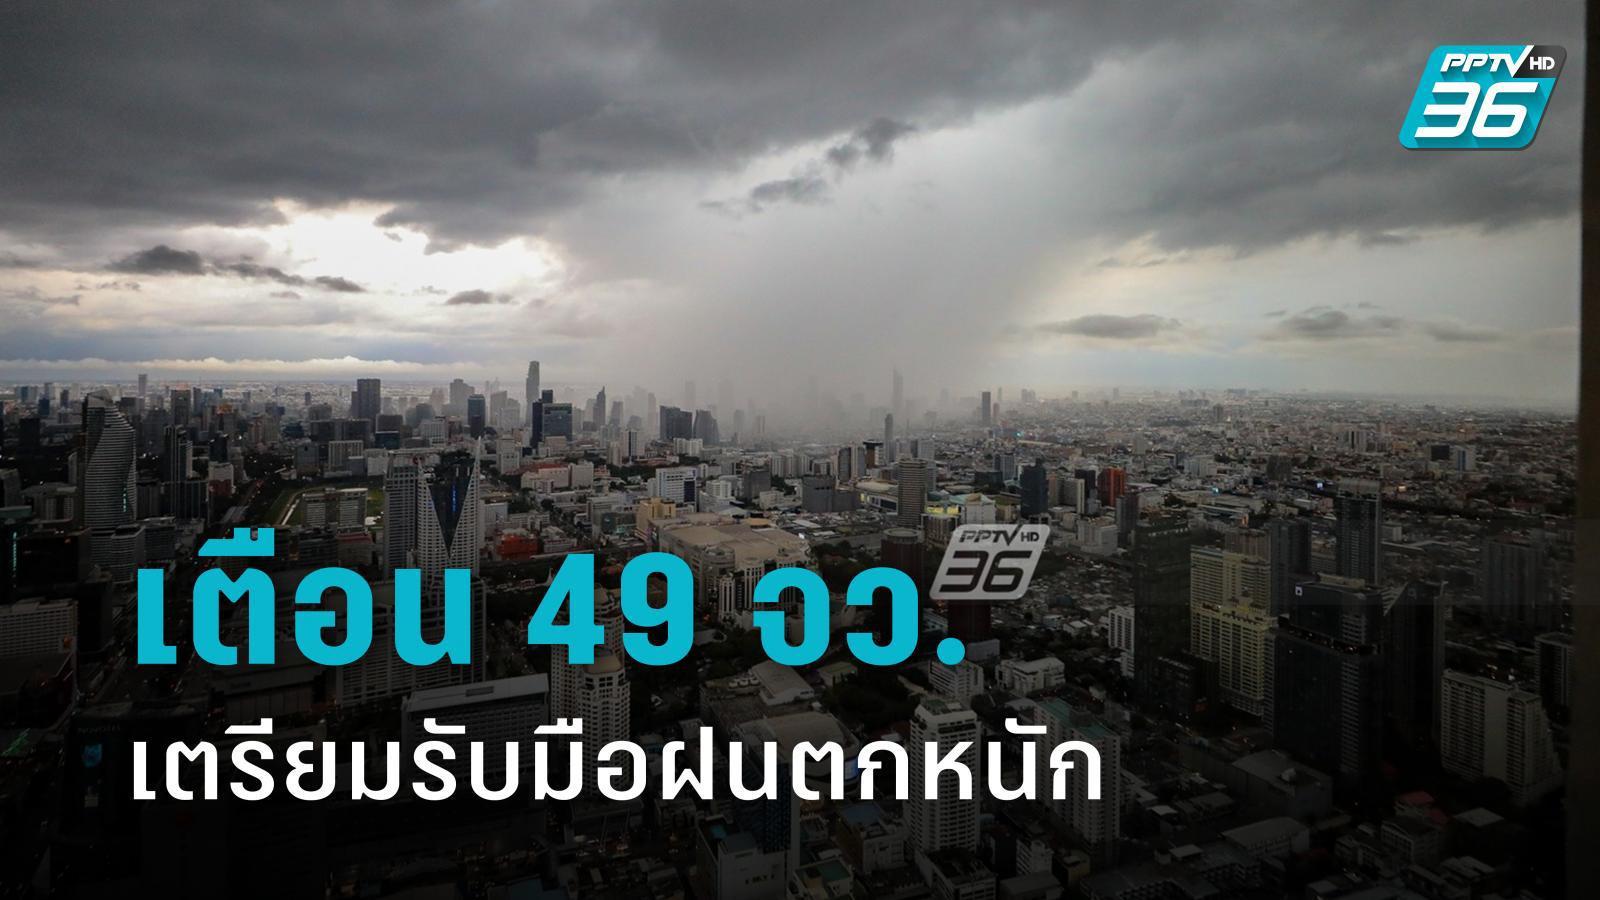 เตือน 49 จังหวัด รับมือฝนตกหนัก ใต้ทะเลคลื่นสูง  กทม.ฟ้าคะนอง 30%